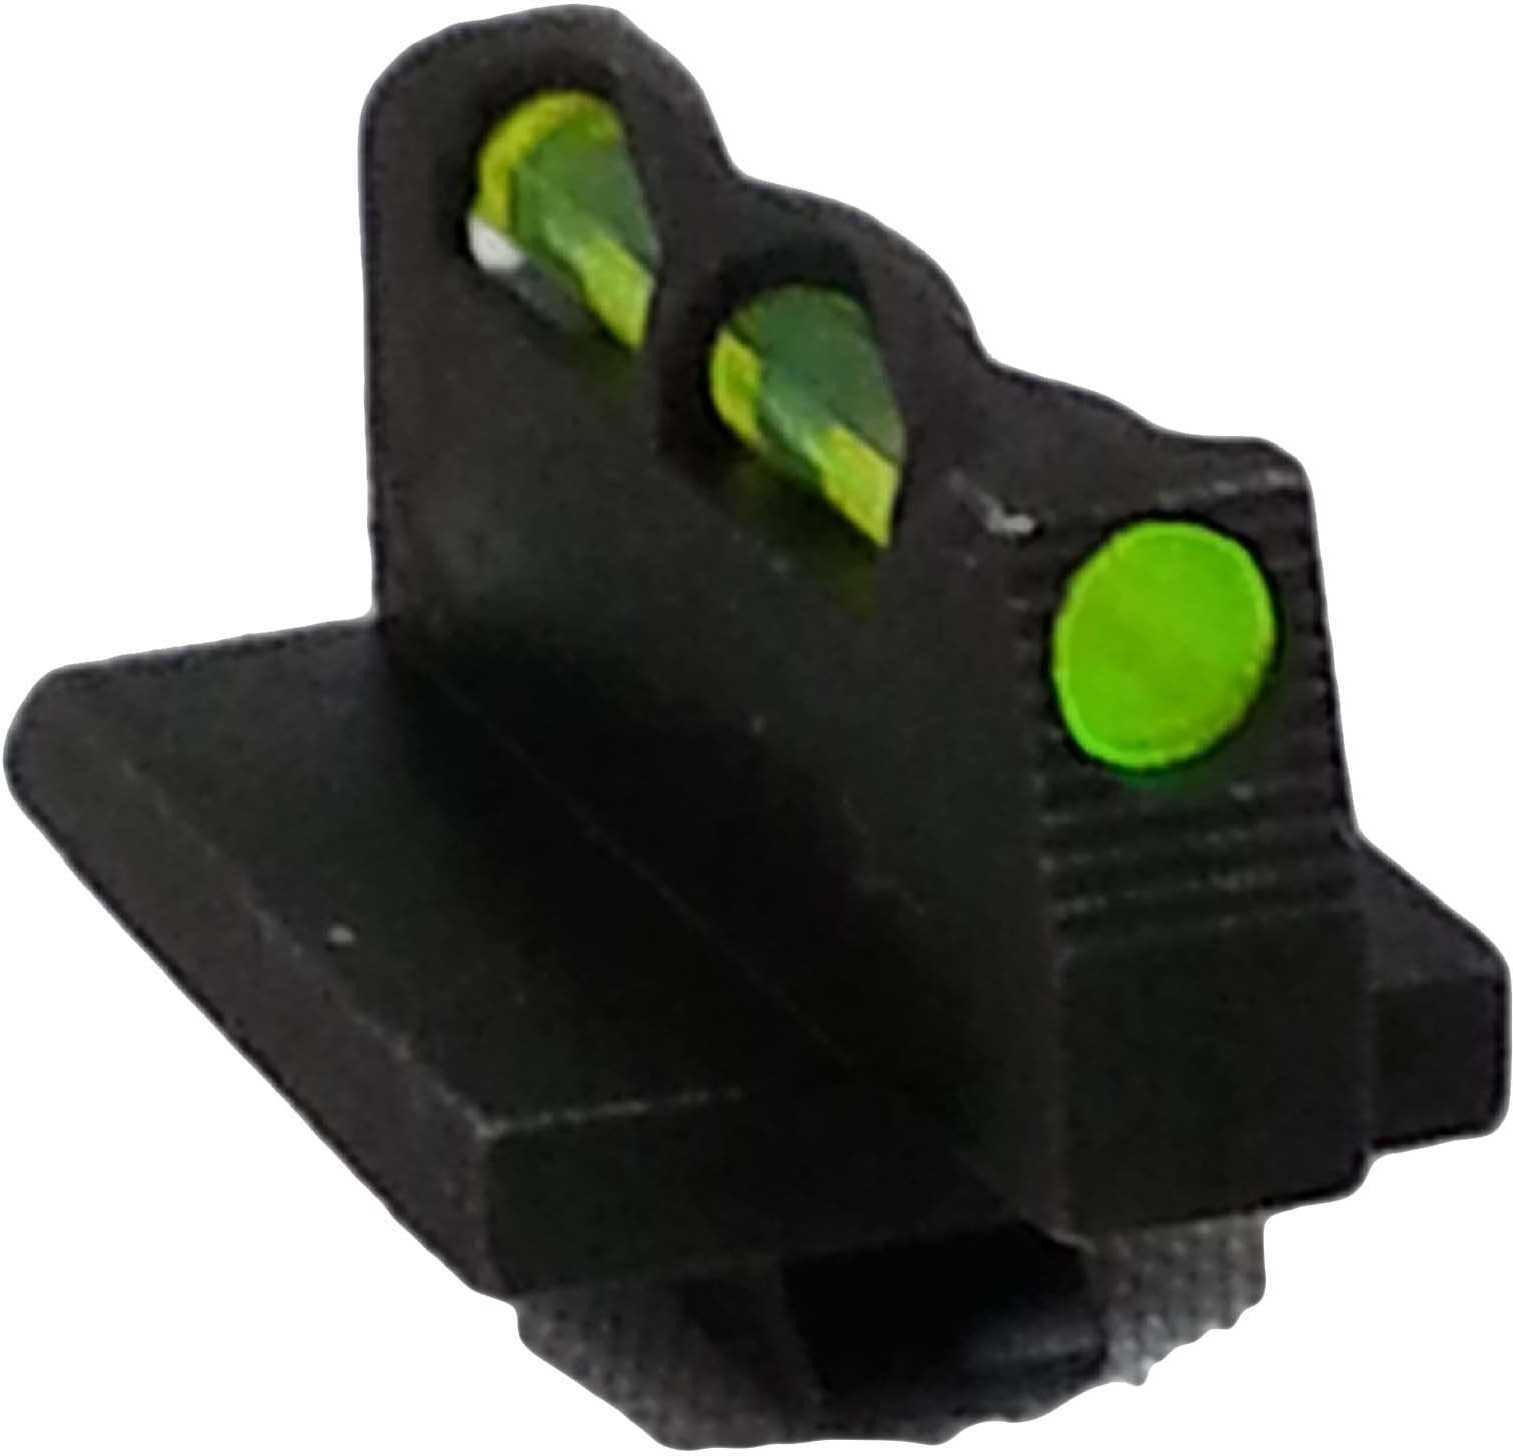 Hi-Viz Litewave Sight Fits Ruger GP100 3 Color Red White Green Front GPLW01